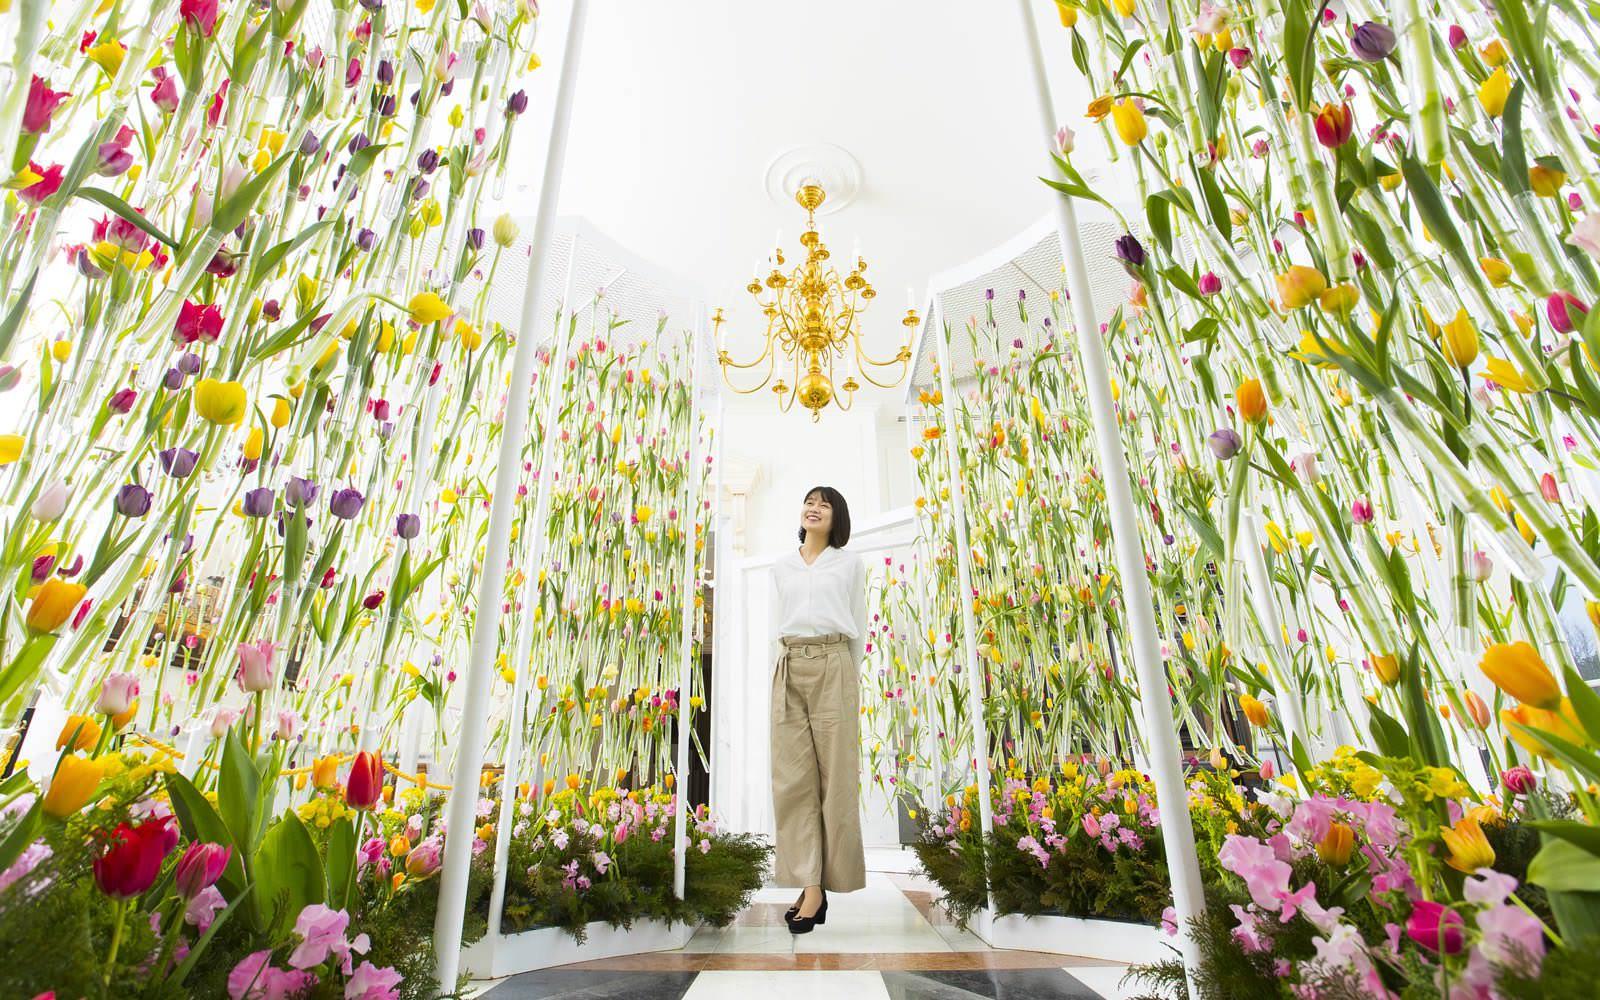 日本最多700品種100万本の「大チューリップ祭り」〜4.14sun